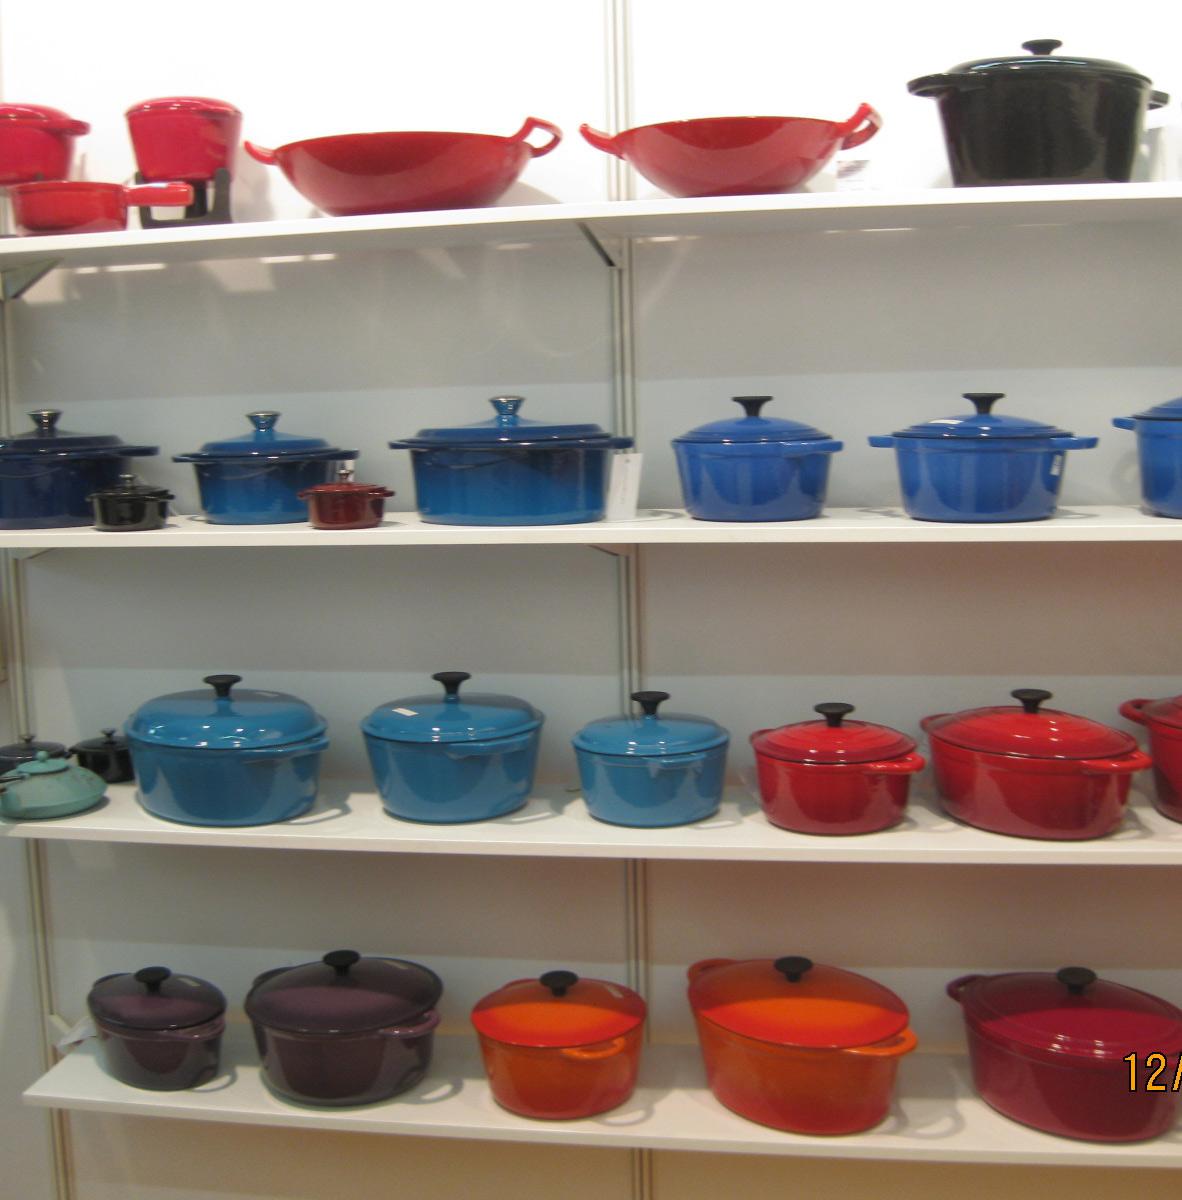 Shijiazhuang suoze trade co ltd proveedor de for Fabrica de utensilios de cocina